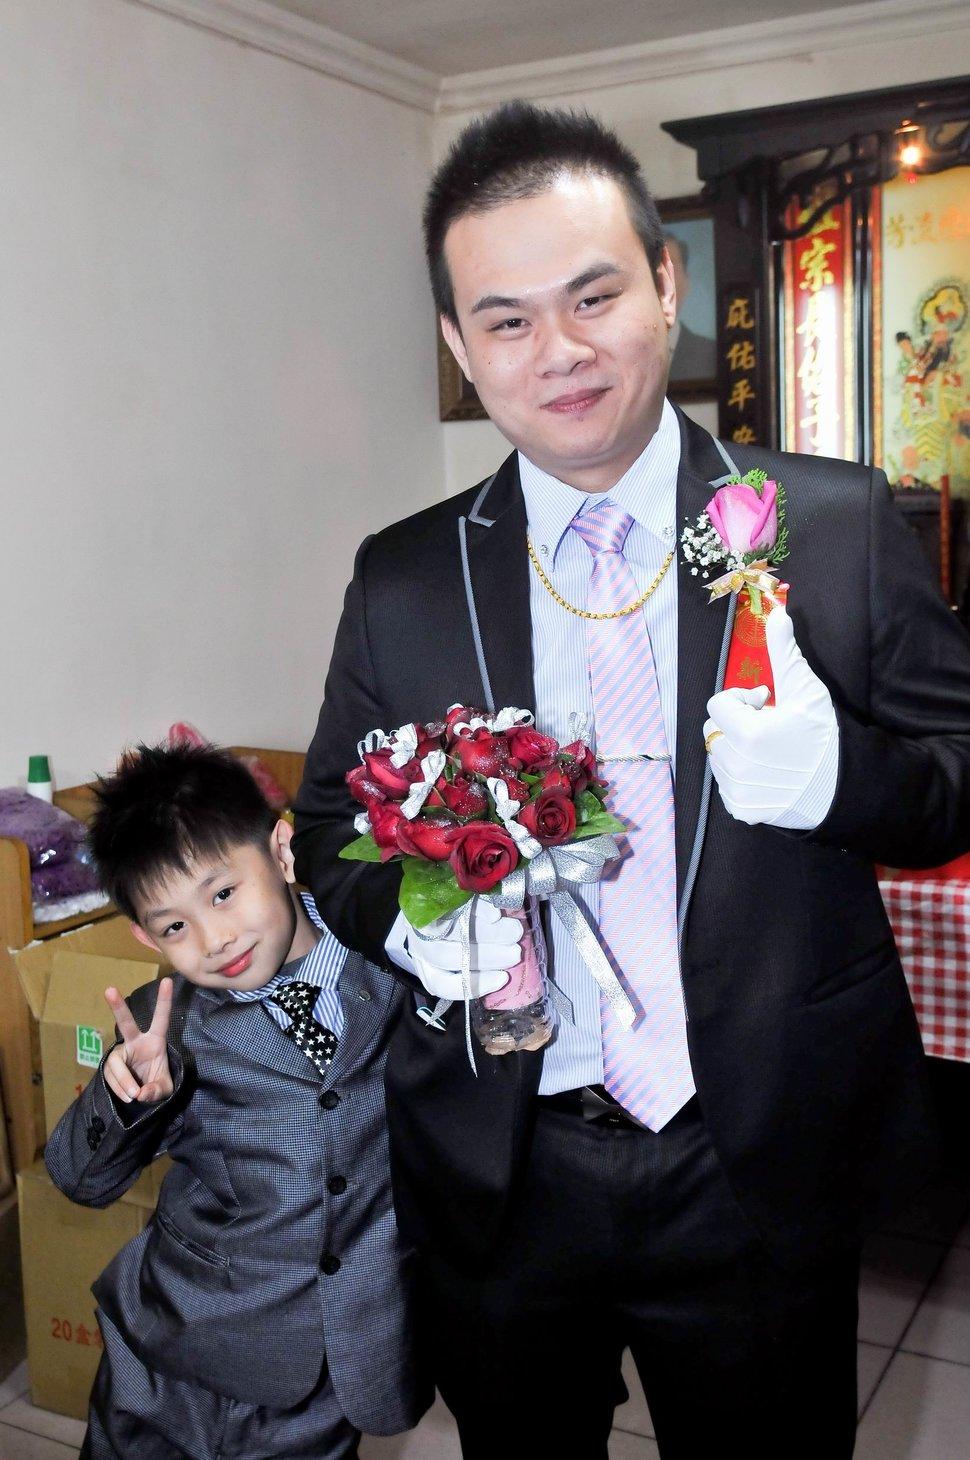 海產大王文定結婚儀式迎娶晚宴婚禮結婚儀式午宴婚禮記錄動態微電影錄影專業錄影平面攝影婚攝婚禮主持人(編號:303357) - 蜜月拍照10800錄影12800攝影團隊 - 結婚吧